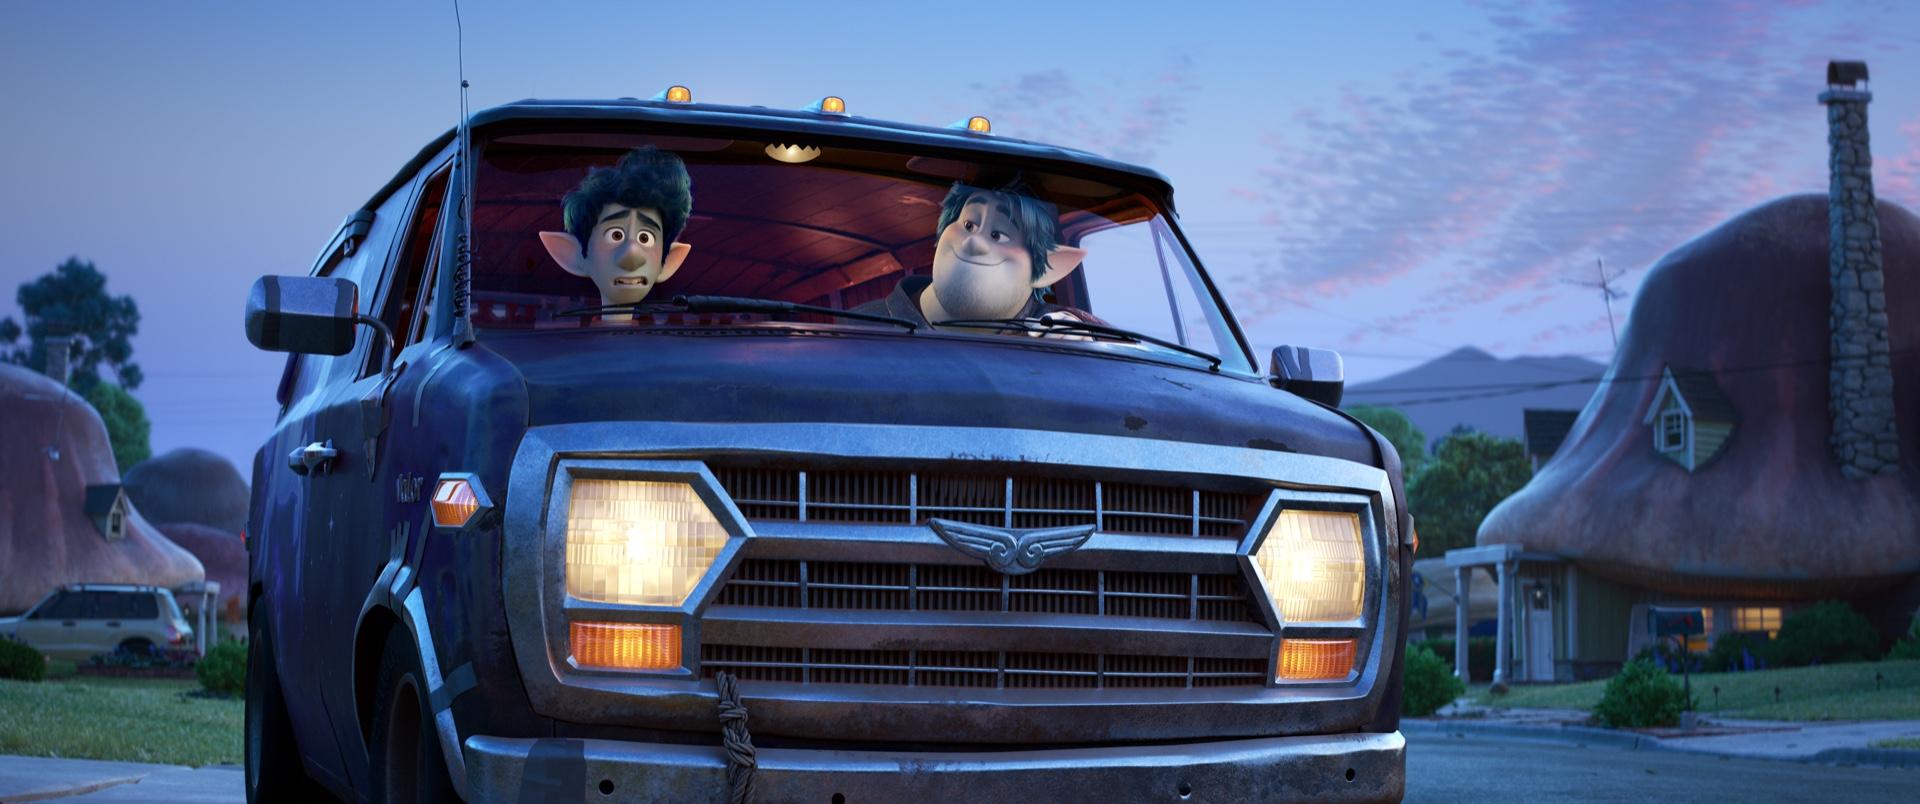 Pixar-Onward-First-Look-Characters-in-Van.jpg